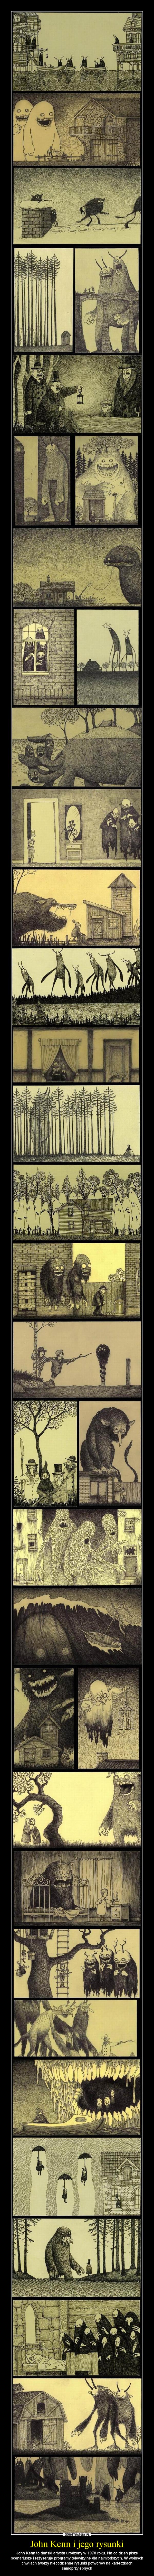 John Kenn i jego rysunki – John Kenn to duński artysta urodzony w 1978 roku. Na co dzień pisze scenariusze i reżyseruje programy telewizyjne dla najmłodszych. W wolnych chwilach tworzy niecodzienne rysunki potworów na karteczkach samoprzylepnych